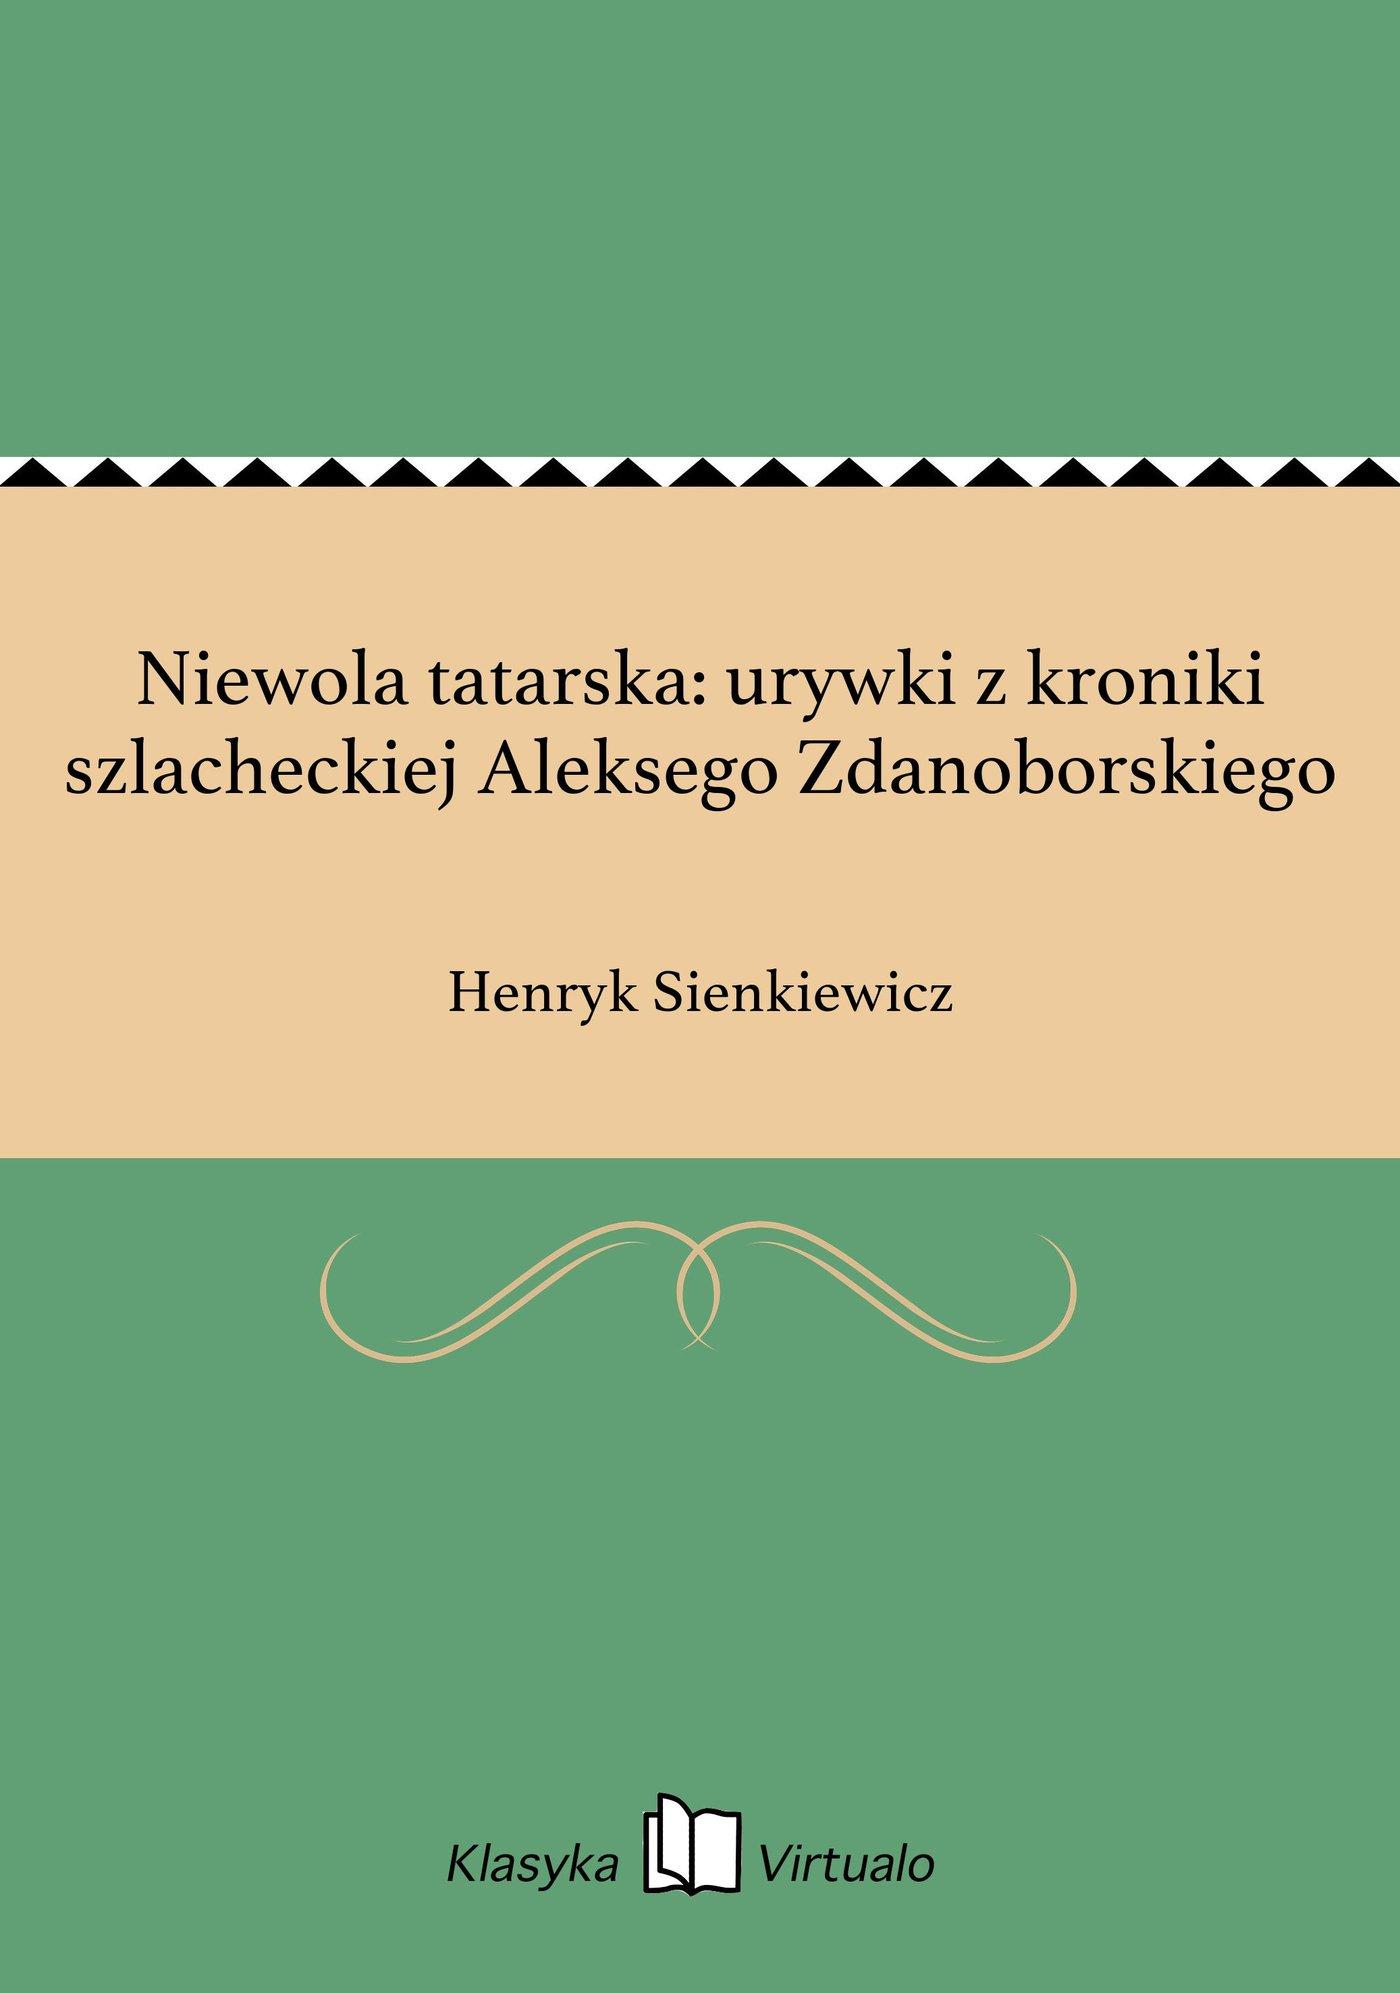 Niewola tatarska: urywki z kroniki szlacheckiej Aleksego Zdanoborskiego - Ebook (Książka na Kindle) do pobrania w formacie MOBI